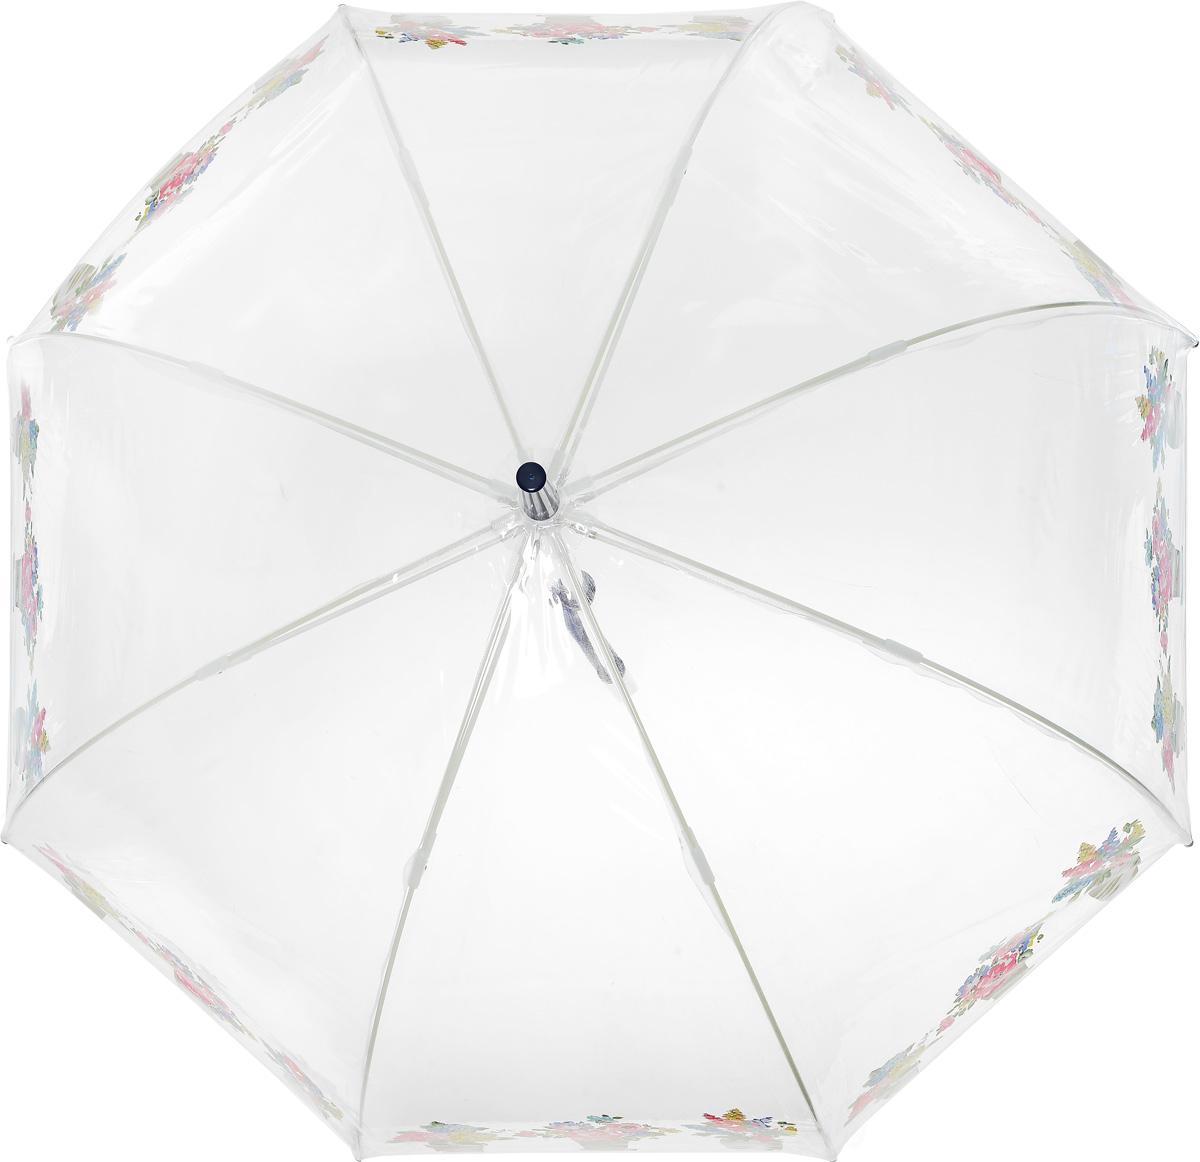 Зонт-трость женский Cath Kidston Birdcage, механический, цвет: прозрачный. L546-3145L546-3145 FlowerPotsНеобычный механический зонт-трость Cath Kidston Birdcage даже в ненастную погоду позволит вам оставаться модной и элегантной. Каркас зонта включает 8 спиц из фибергласса с пластиковыми наконечниками. Стержень изготовлен из стали. Купол зонта выполнен из высококачественного прозрачного ПВХ и по краю оформлен принтом в виде цветочных горшков. Изделие дополнено удобной пластиковой рукояткой. Зонт механического сложения: купол открывается и закрывается вручную до характерного щелчка. Модель дополнительно застегивается с помощью хлястика на кнопку. Такой зонт не только надежно защитит вас от дождя, но и станет стильным аксессуаром, который идеально подчеркнет ваш неповторимый образ.